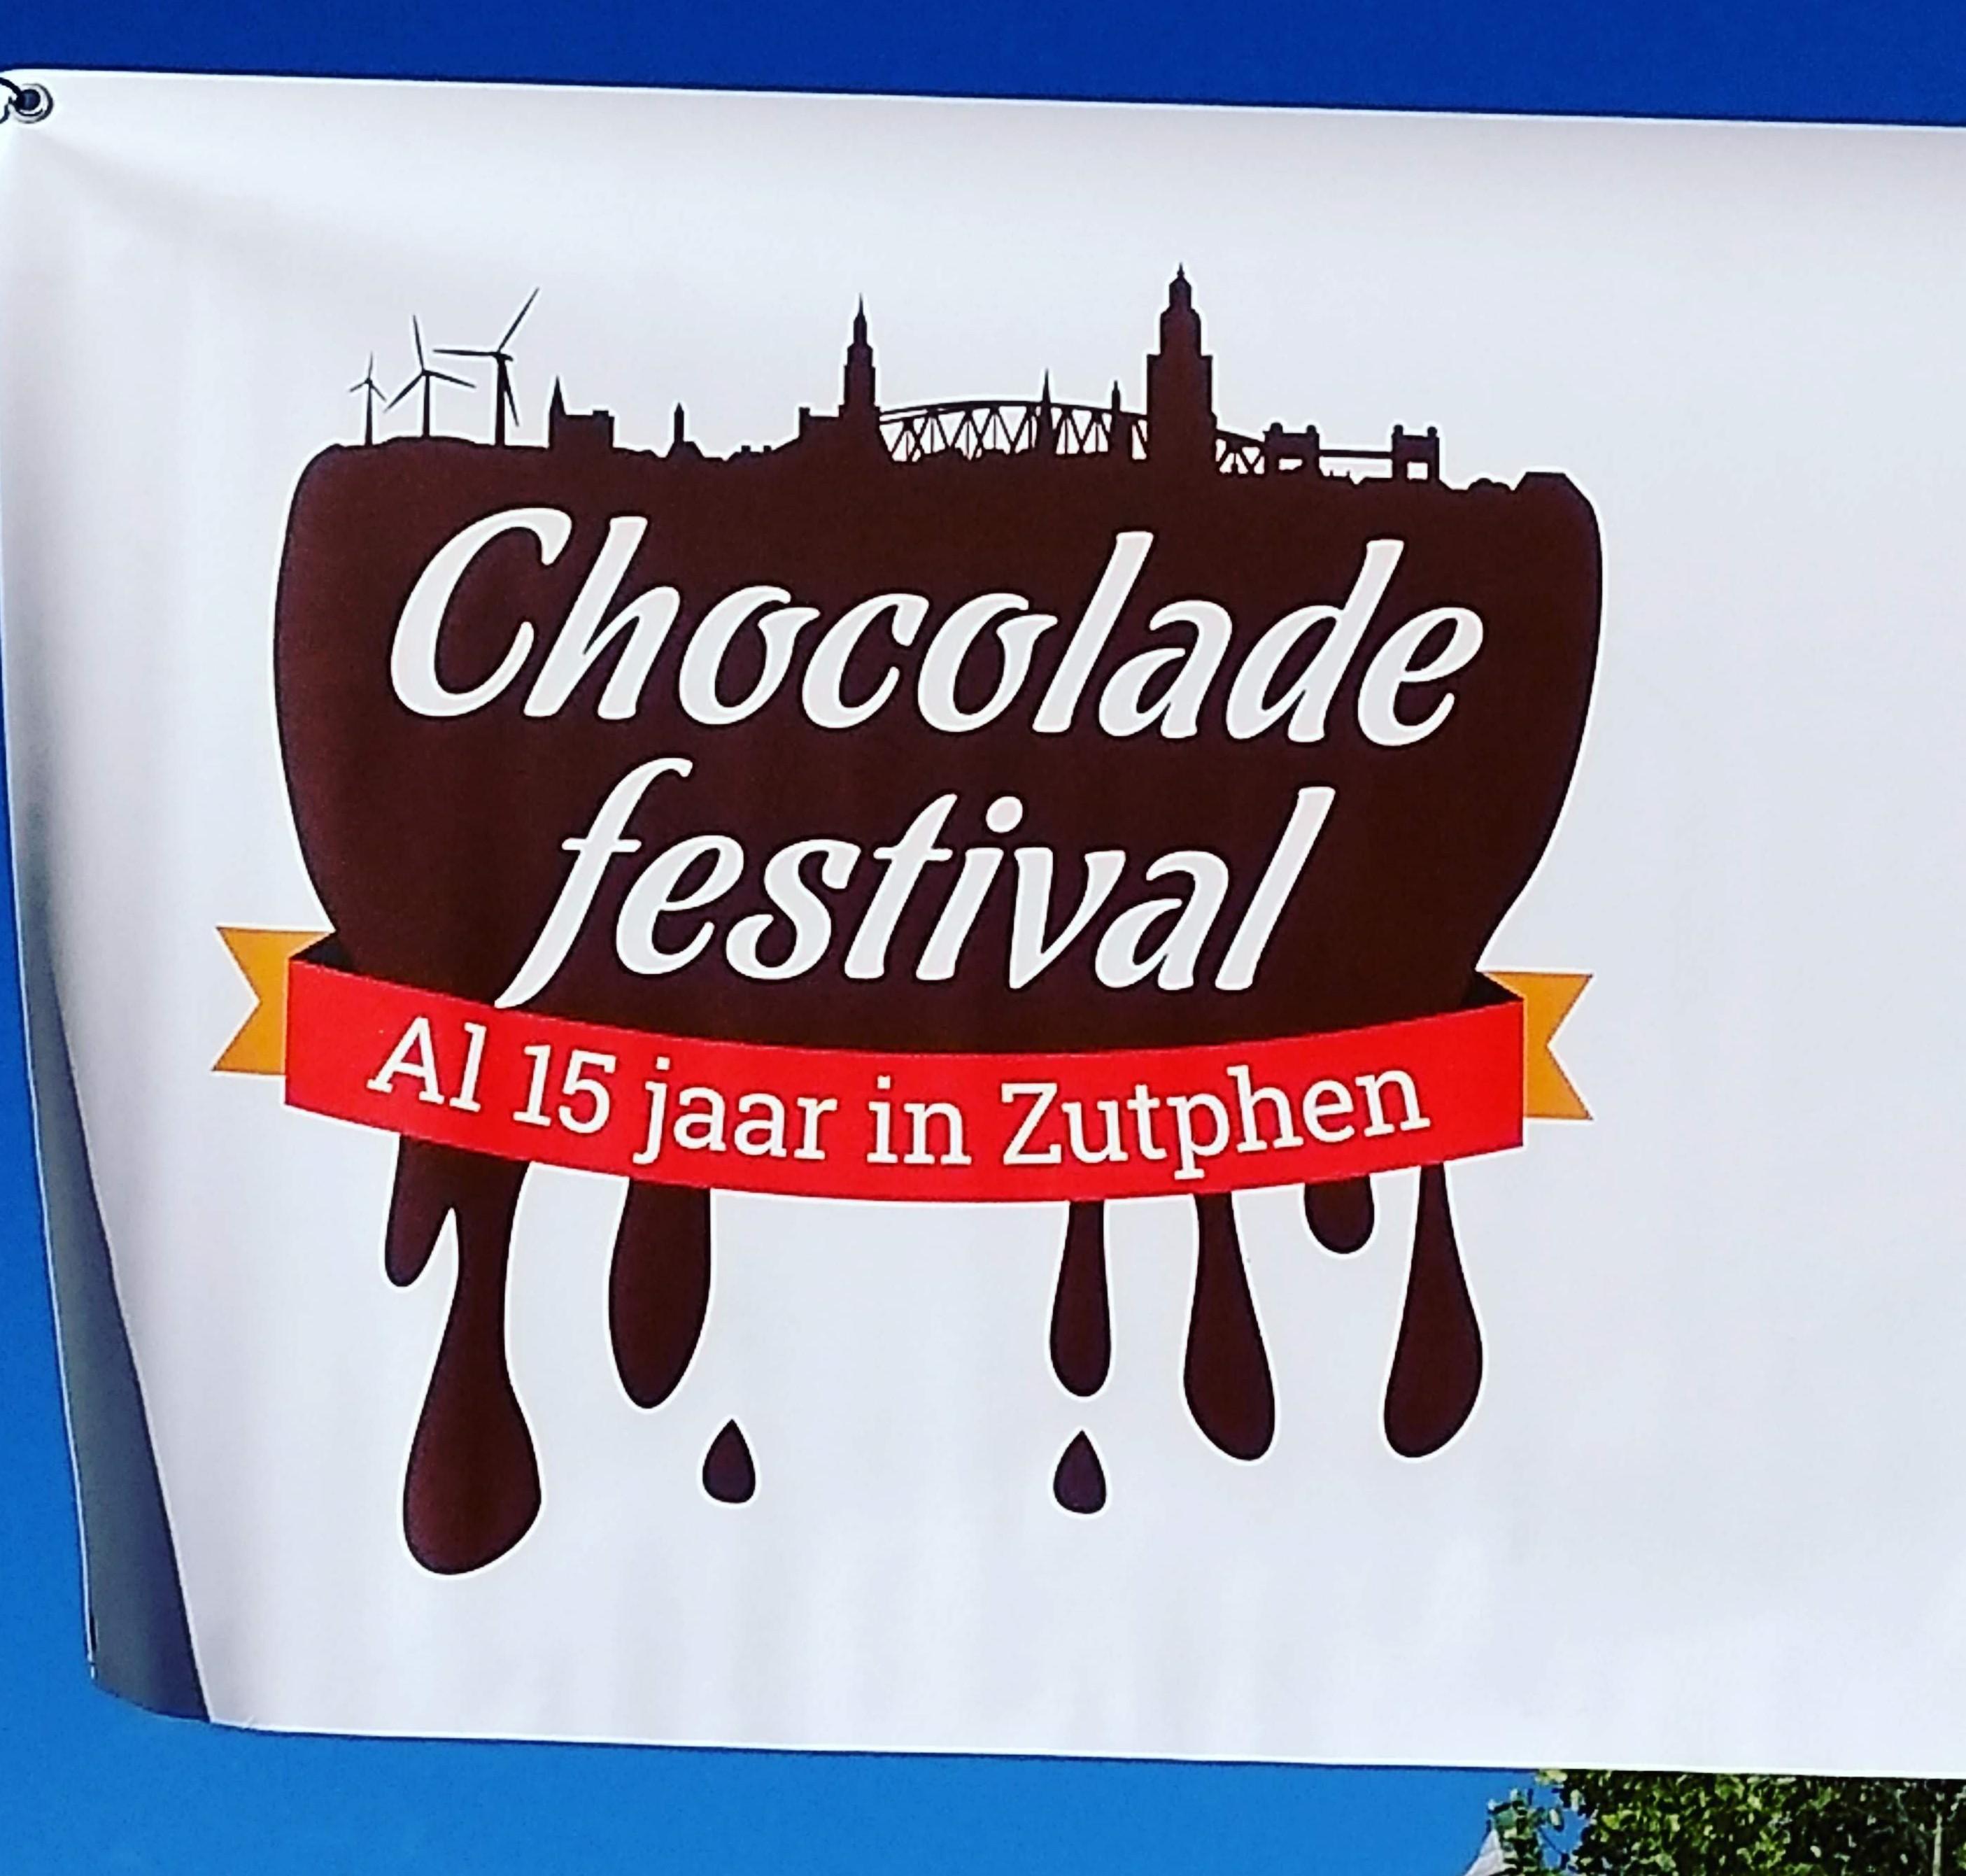 Chocoladefestival Zutphen 2018